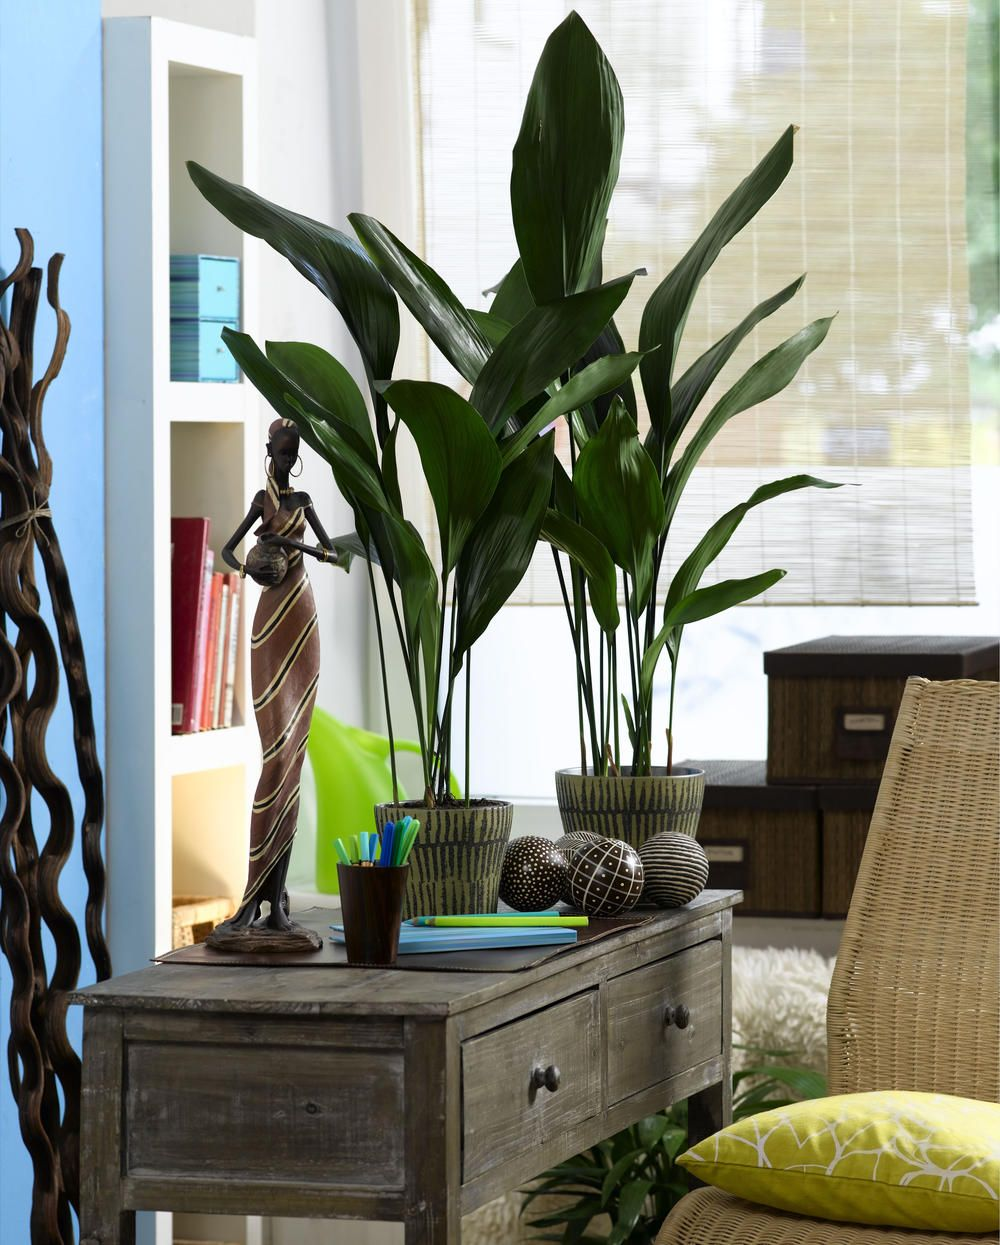 Sie Gilt Als Eisenpflanze Anspruchslos Und Unverwustlich Die Schusterpalme Gehort Zu Den Robustesten Und Pflege Zimmerpflanzen Zimmerpflanzen Ideen Pflanzen